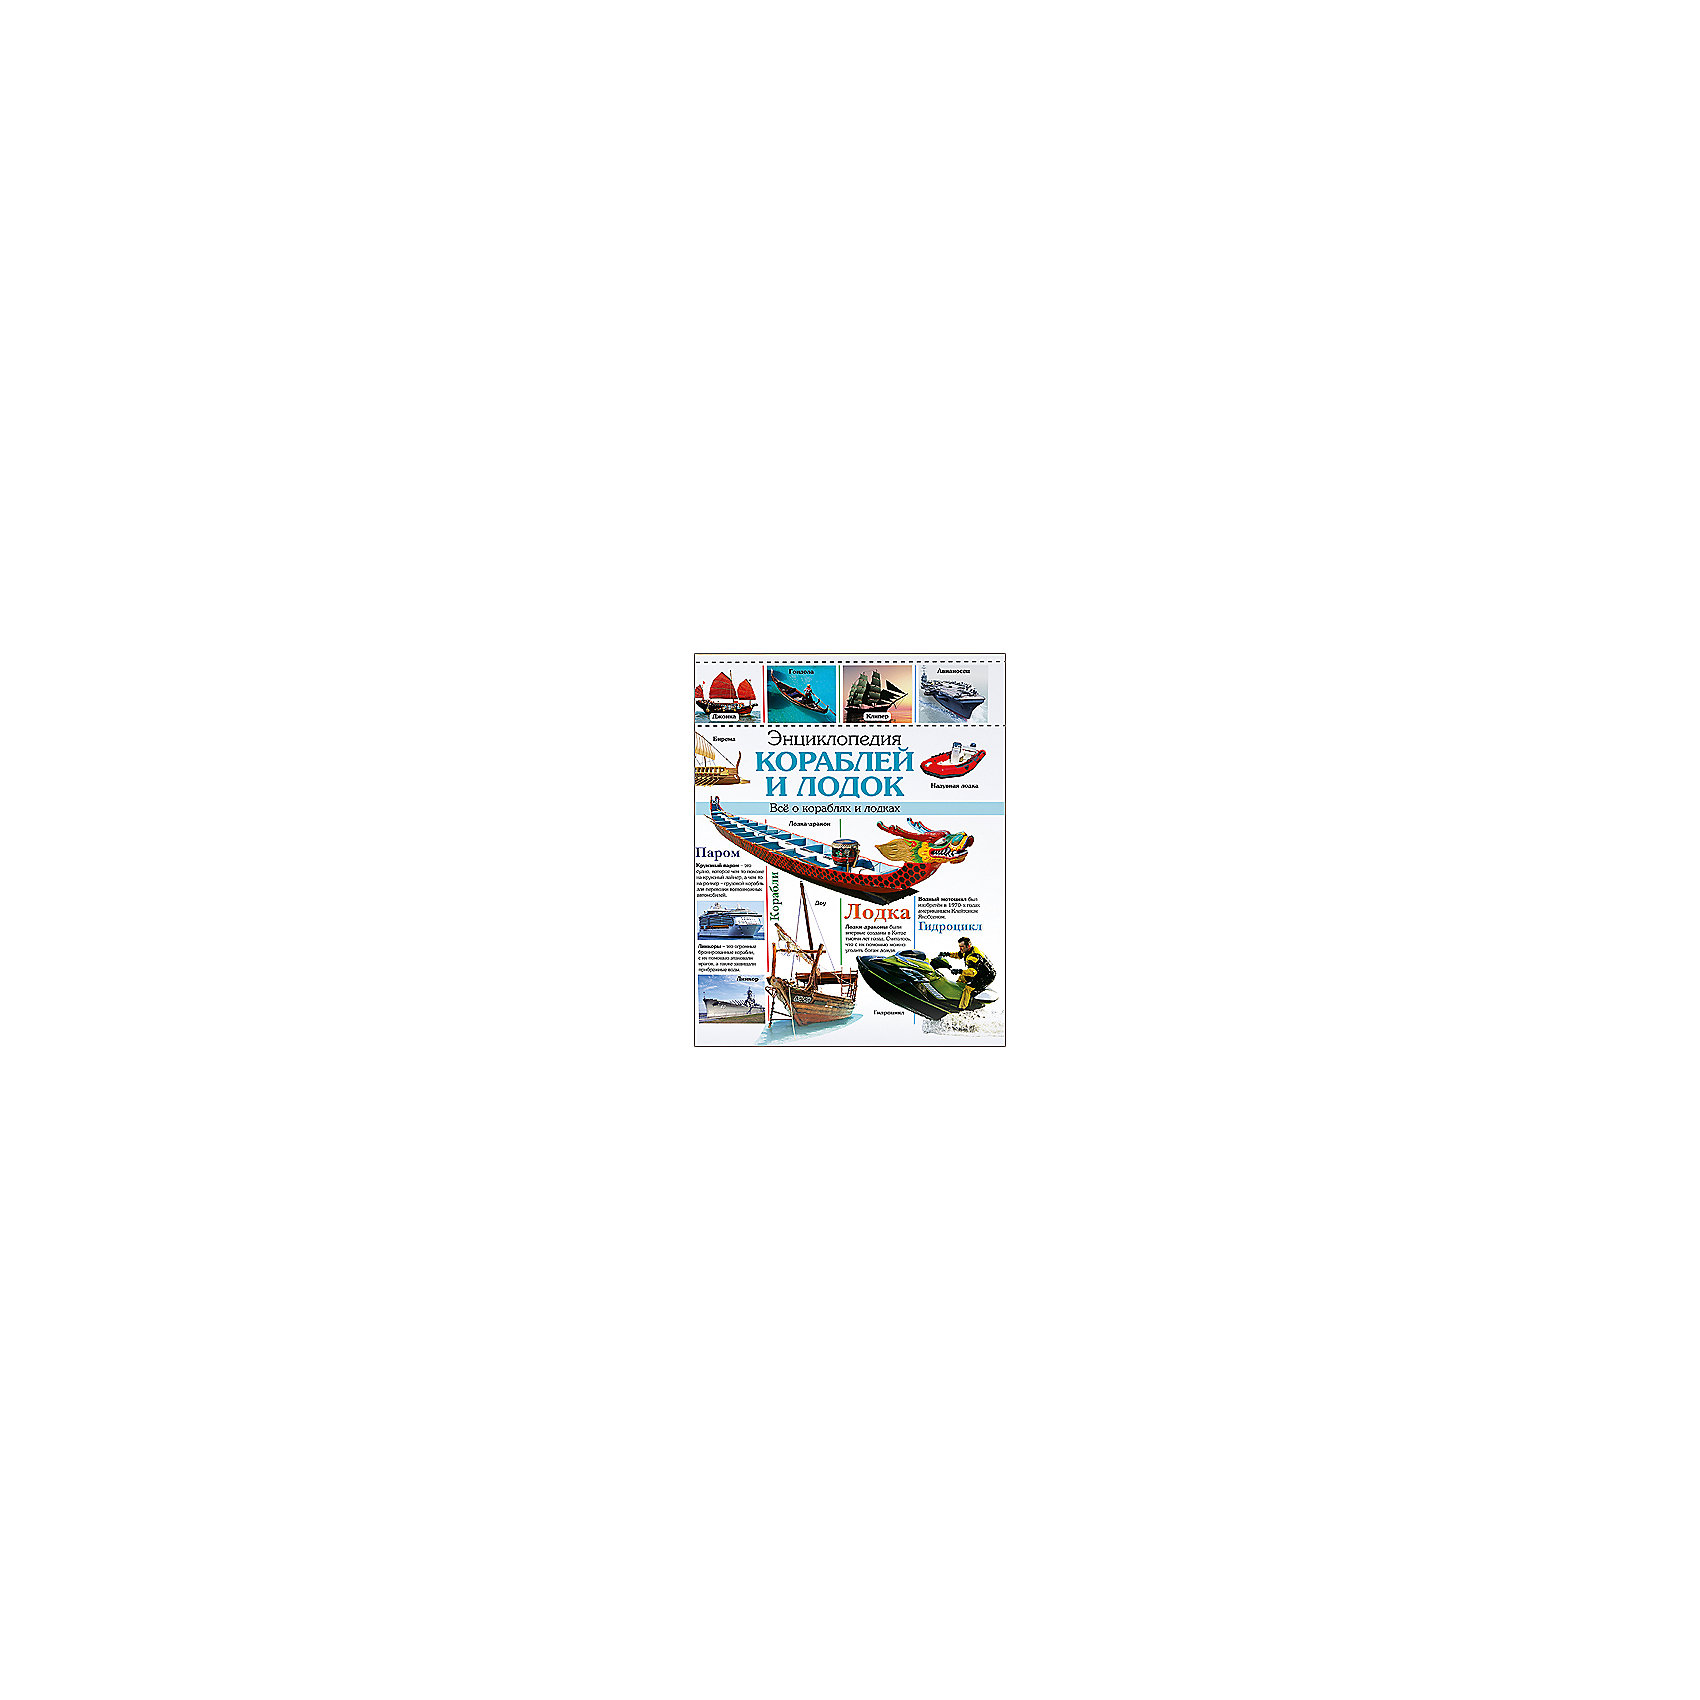 Энциклопедия кораблей и лодокЭнциклопедии техники<br>Если ваш ребенок увлекается кораблями и другим водным транспортом, вы обязательно должны показать ему Энциклопедию кораблей и лодок. Из нее юный исследователь узнает о различных баржах, лодках, кораблях, лайнерах, подводных лодках и многом другом. Энциклопедия отлично развивает кругозор. Прекрасный подарок для любознательных детей!<br>Дополнительная информация:<br>Издательство: Проф-Пресс<br>Год выпуска: 2016<br>Обложка: твердый переплет<br>Иллюстрации: цветные<br>Количество страниц: 124<br>ISBN:978-5-378-18802-4<br>Размер: 19х1,3х22 см<br>Вес: 733 грамма<br>Энциклопедию кораблей и лодок можно купить в нашем интернет-магазине.<br><br>Ширина мм: 220<br>Глубина мм: 13<br>Высота мм: 190<br>Вес г: 733<br>Возраст от месяцев: 144<br>Возраст до месяцев: 36<br>Пол: Унисекс<br>Возраст: Детский<br>SKU: 4905938